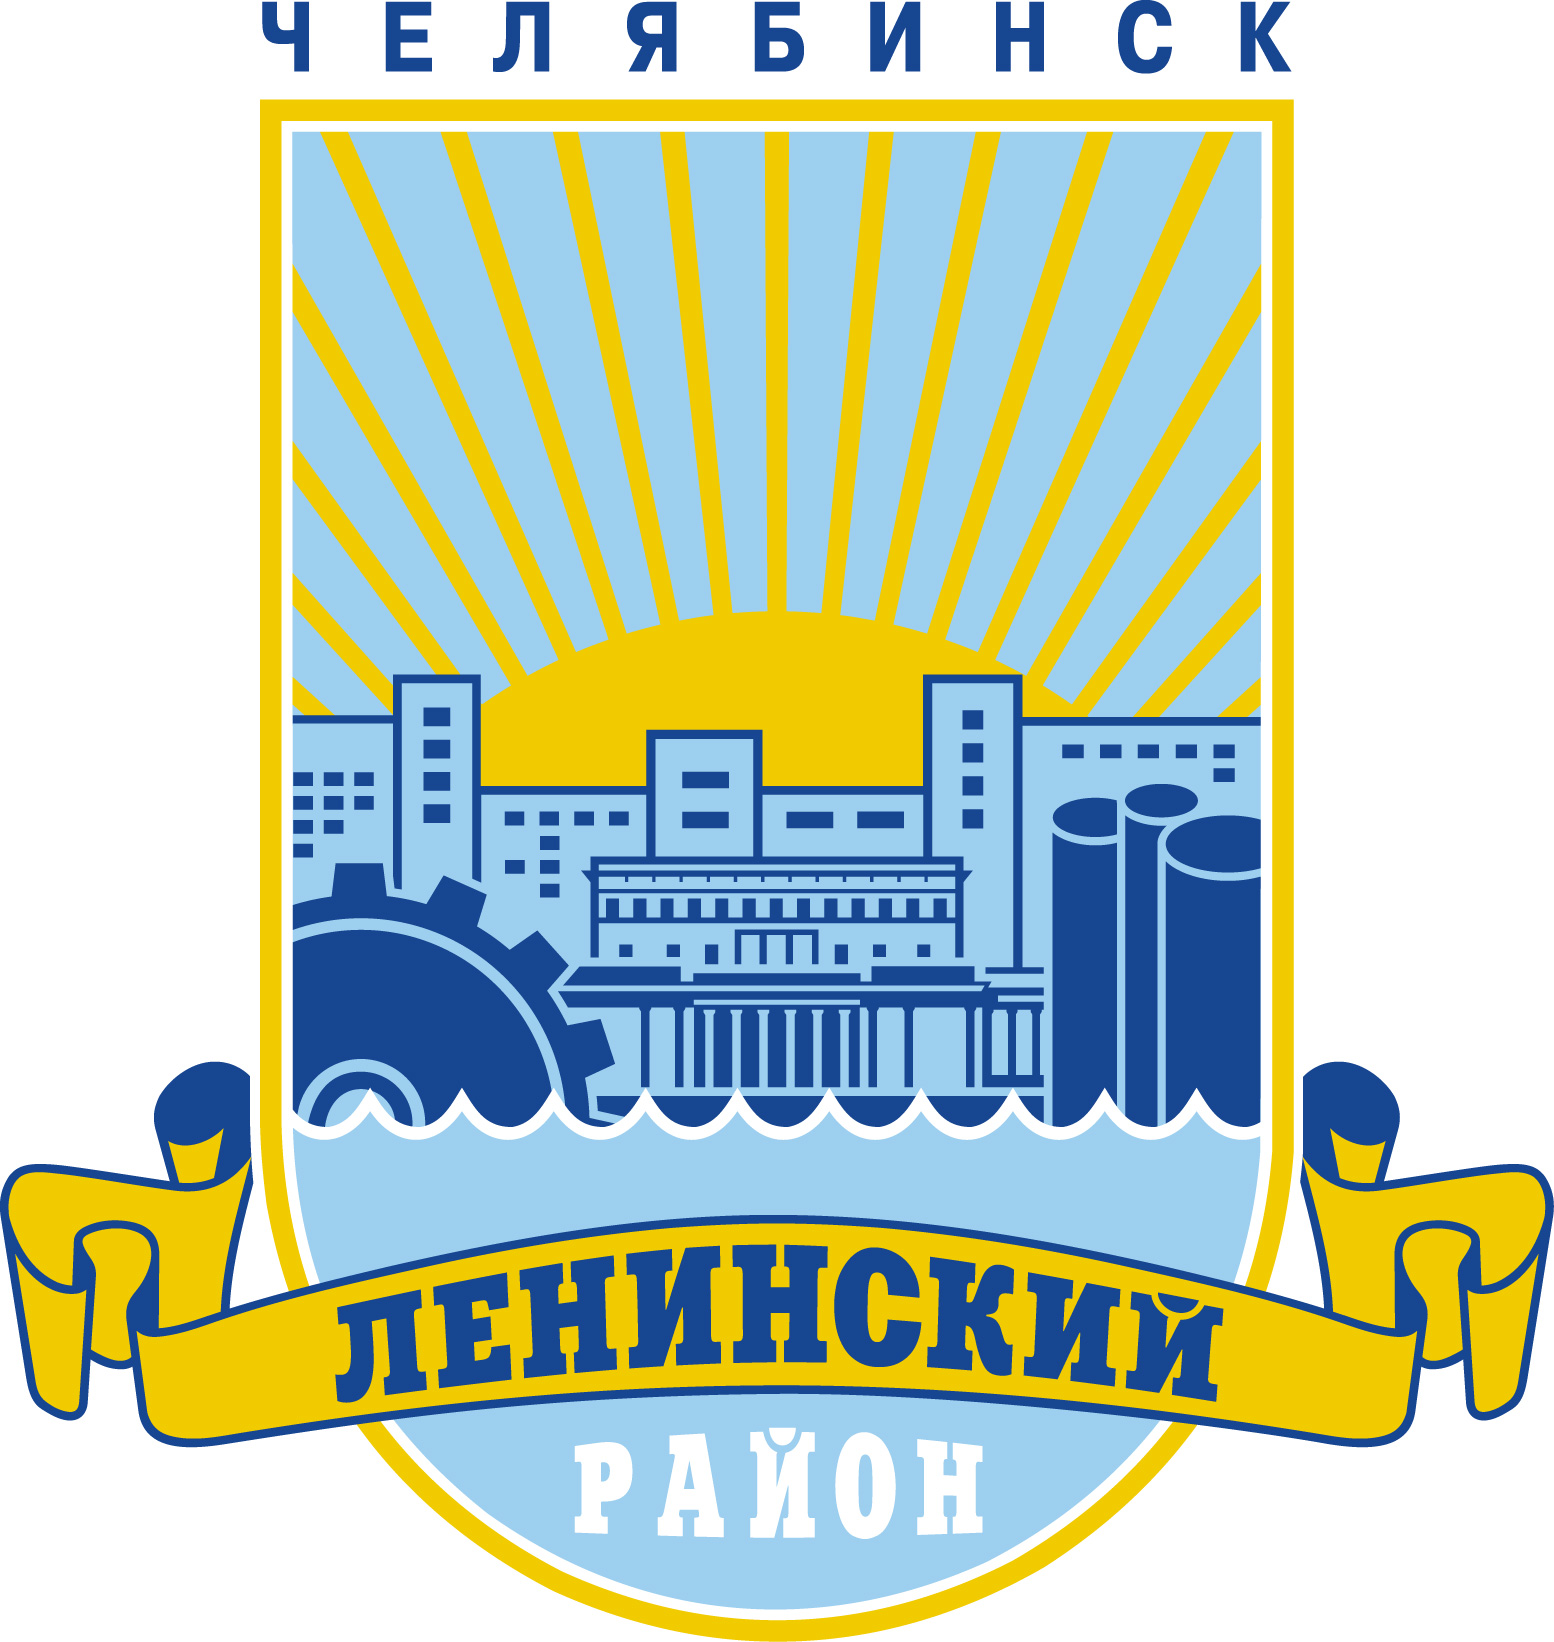 Самый криминальный район челябинска